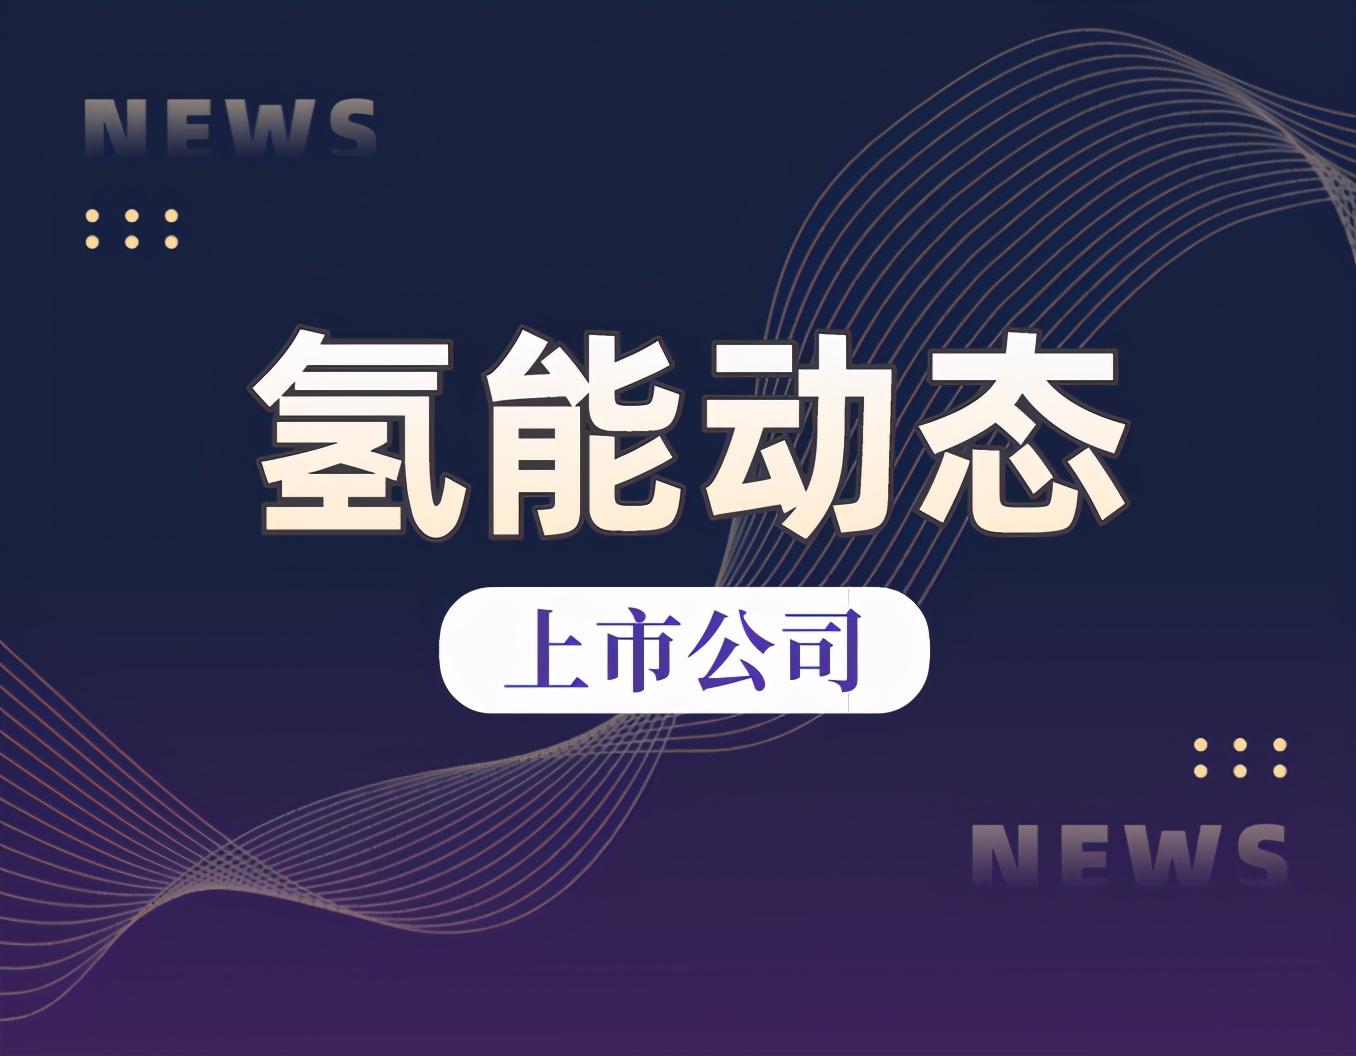 诚志股份氢能源项目在苏州常熟和张家港等地已经启动建设